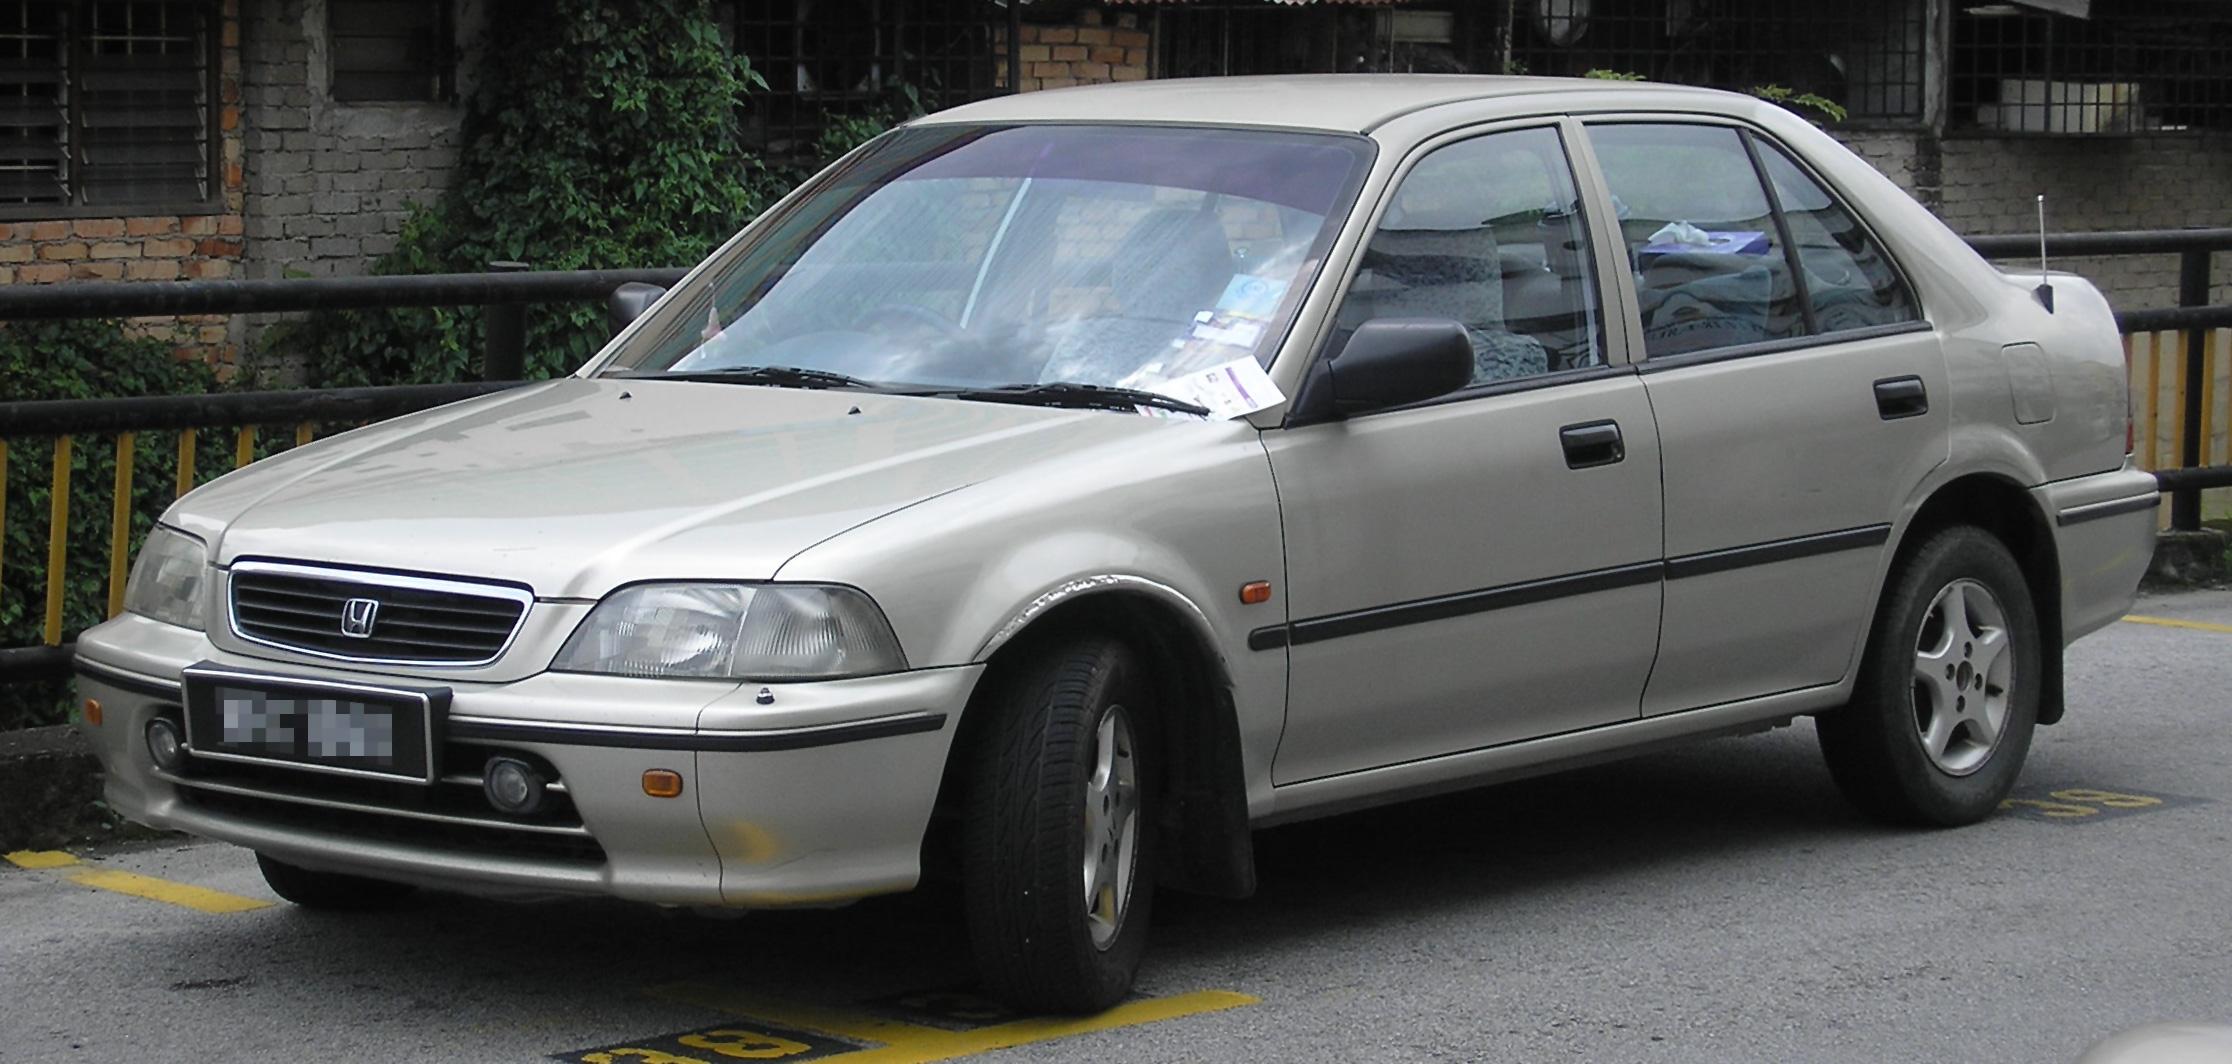 Kelebihan Honda City 1997 Spesifikasi